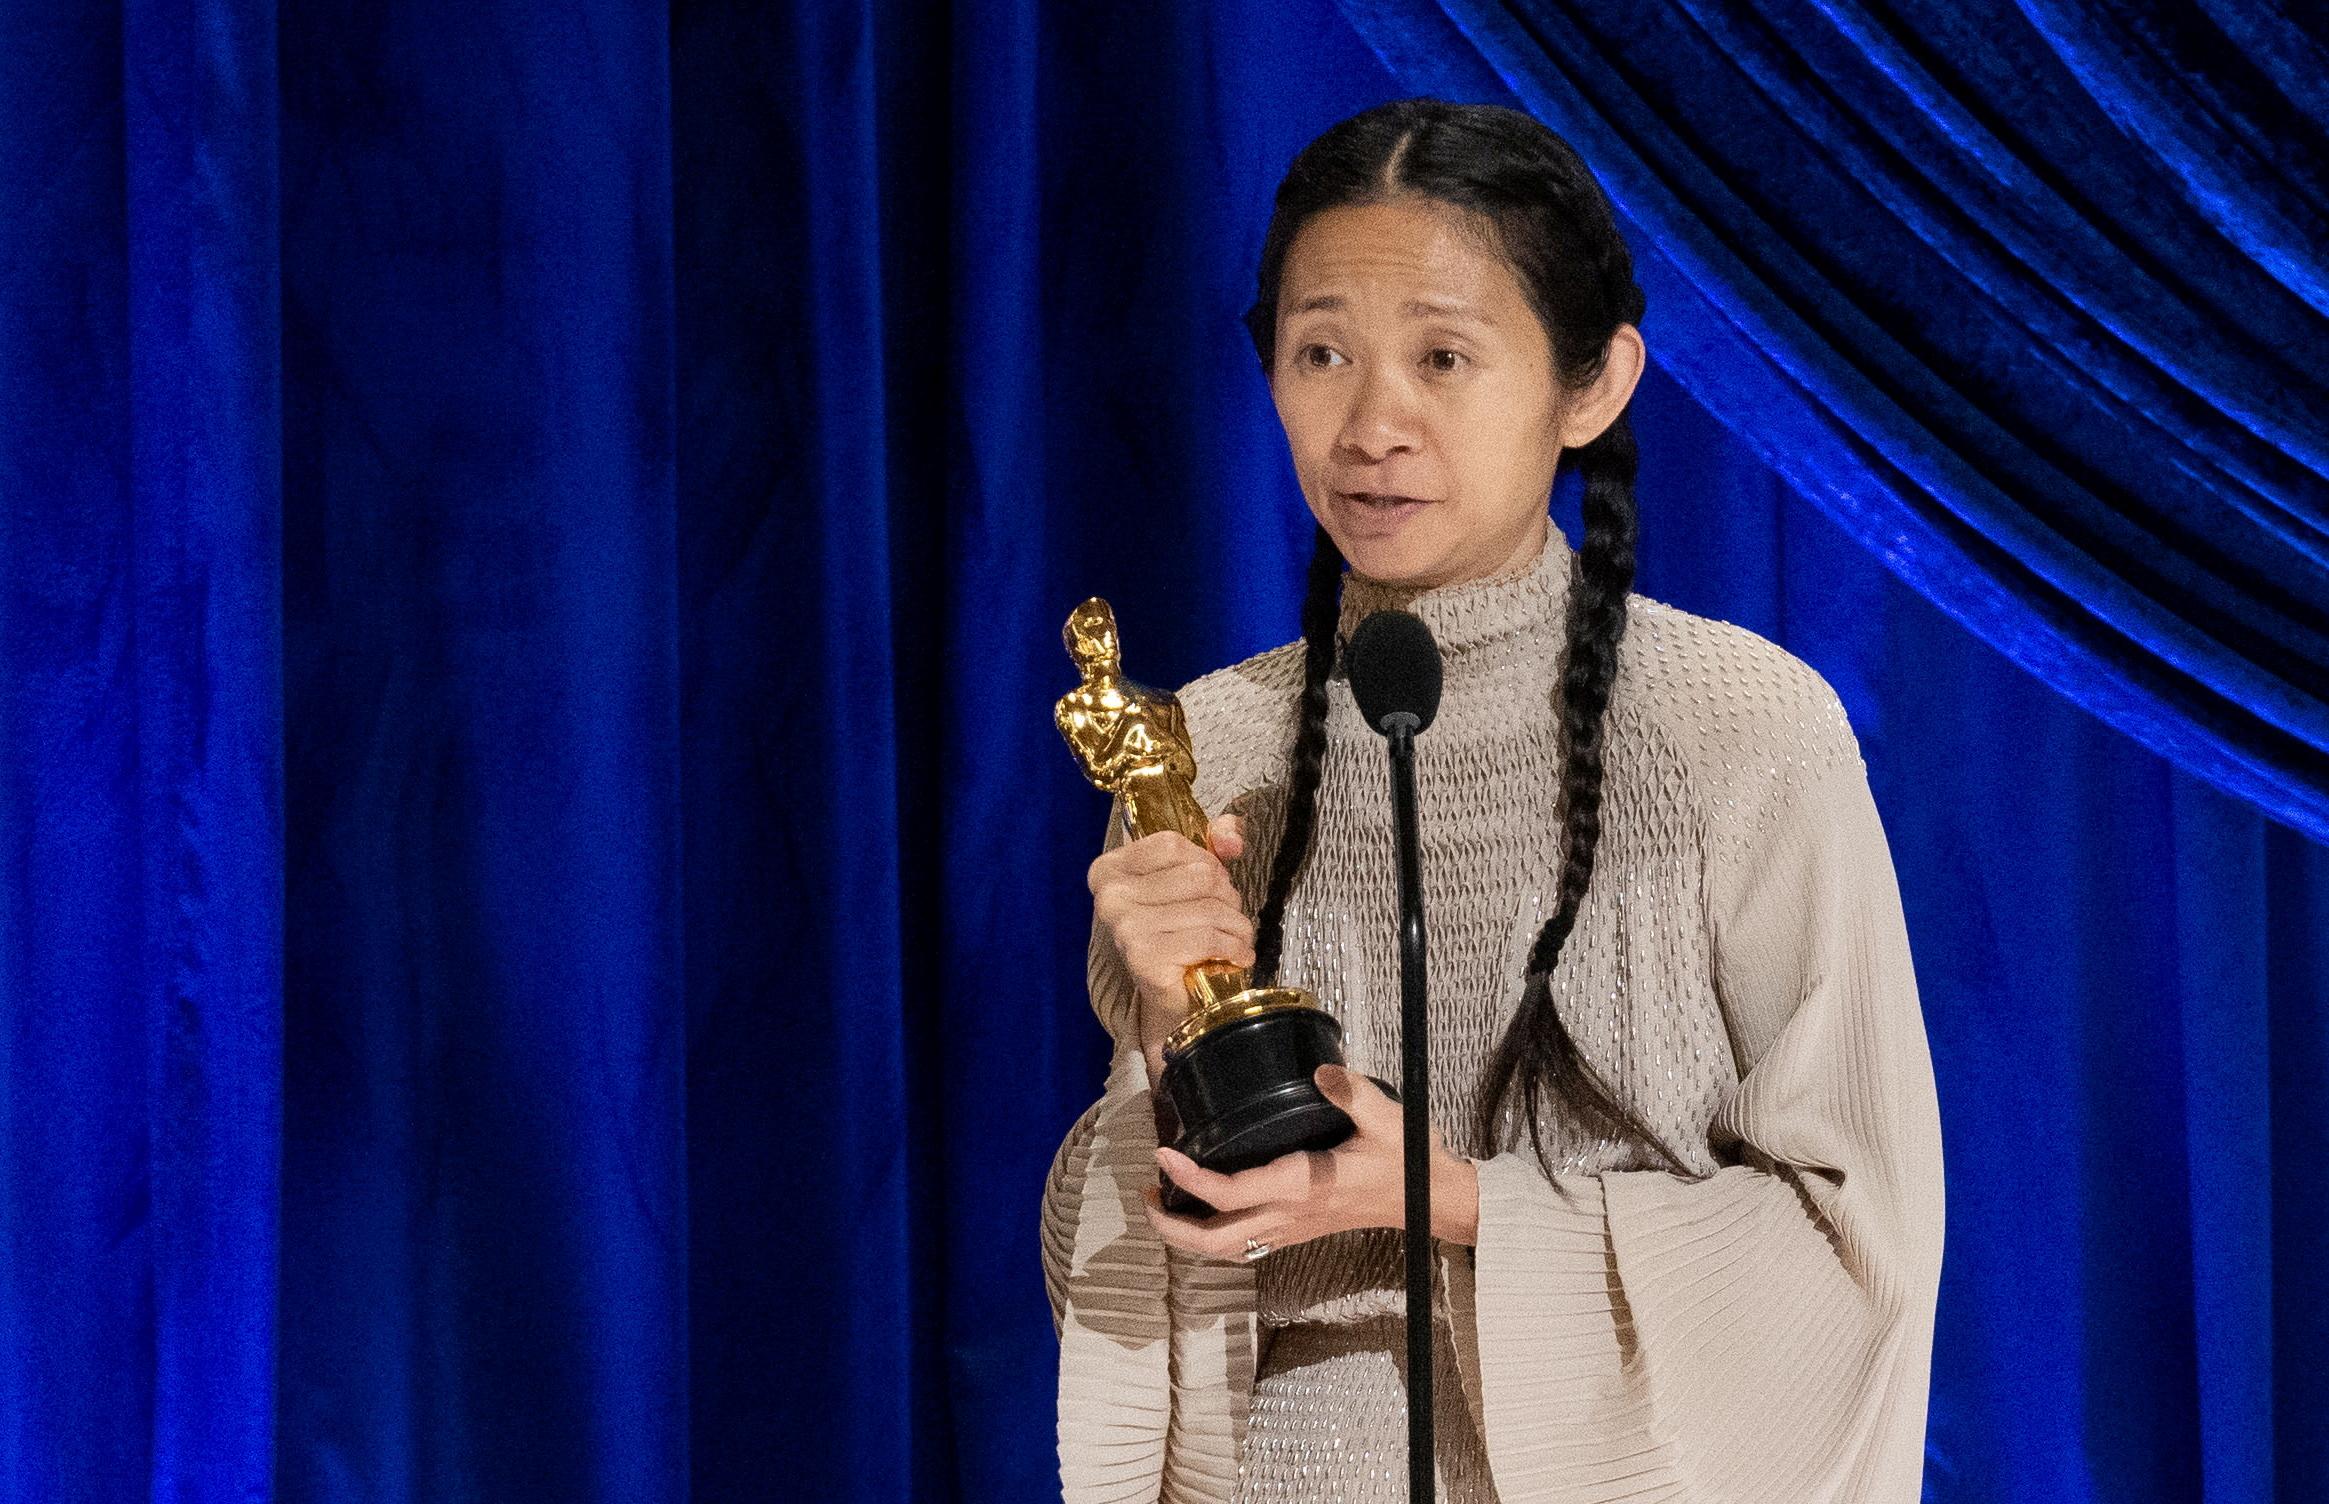 Óscars 2021 crítica Chloe Zhao Nomadland